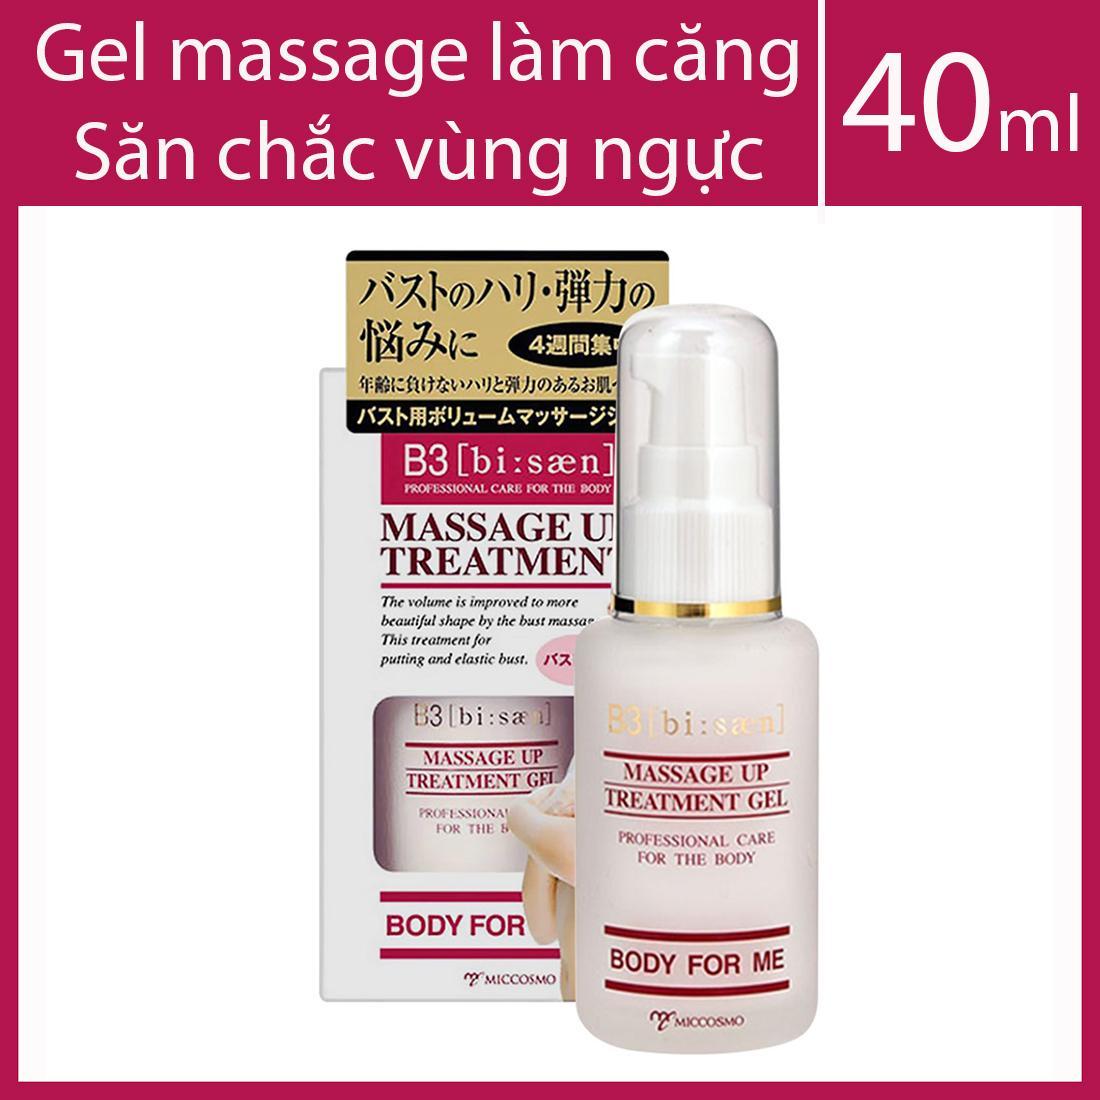 Gel massage làm căng và săn chắc vùng ngực B3 Massage Up Treatment Gel 40ml